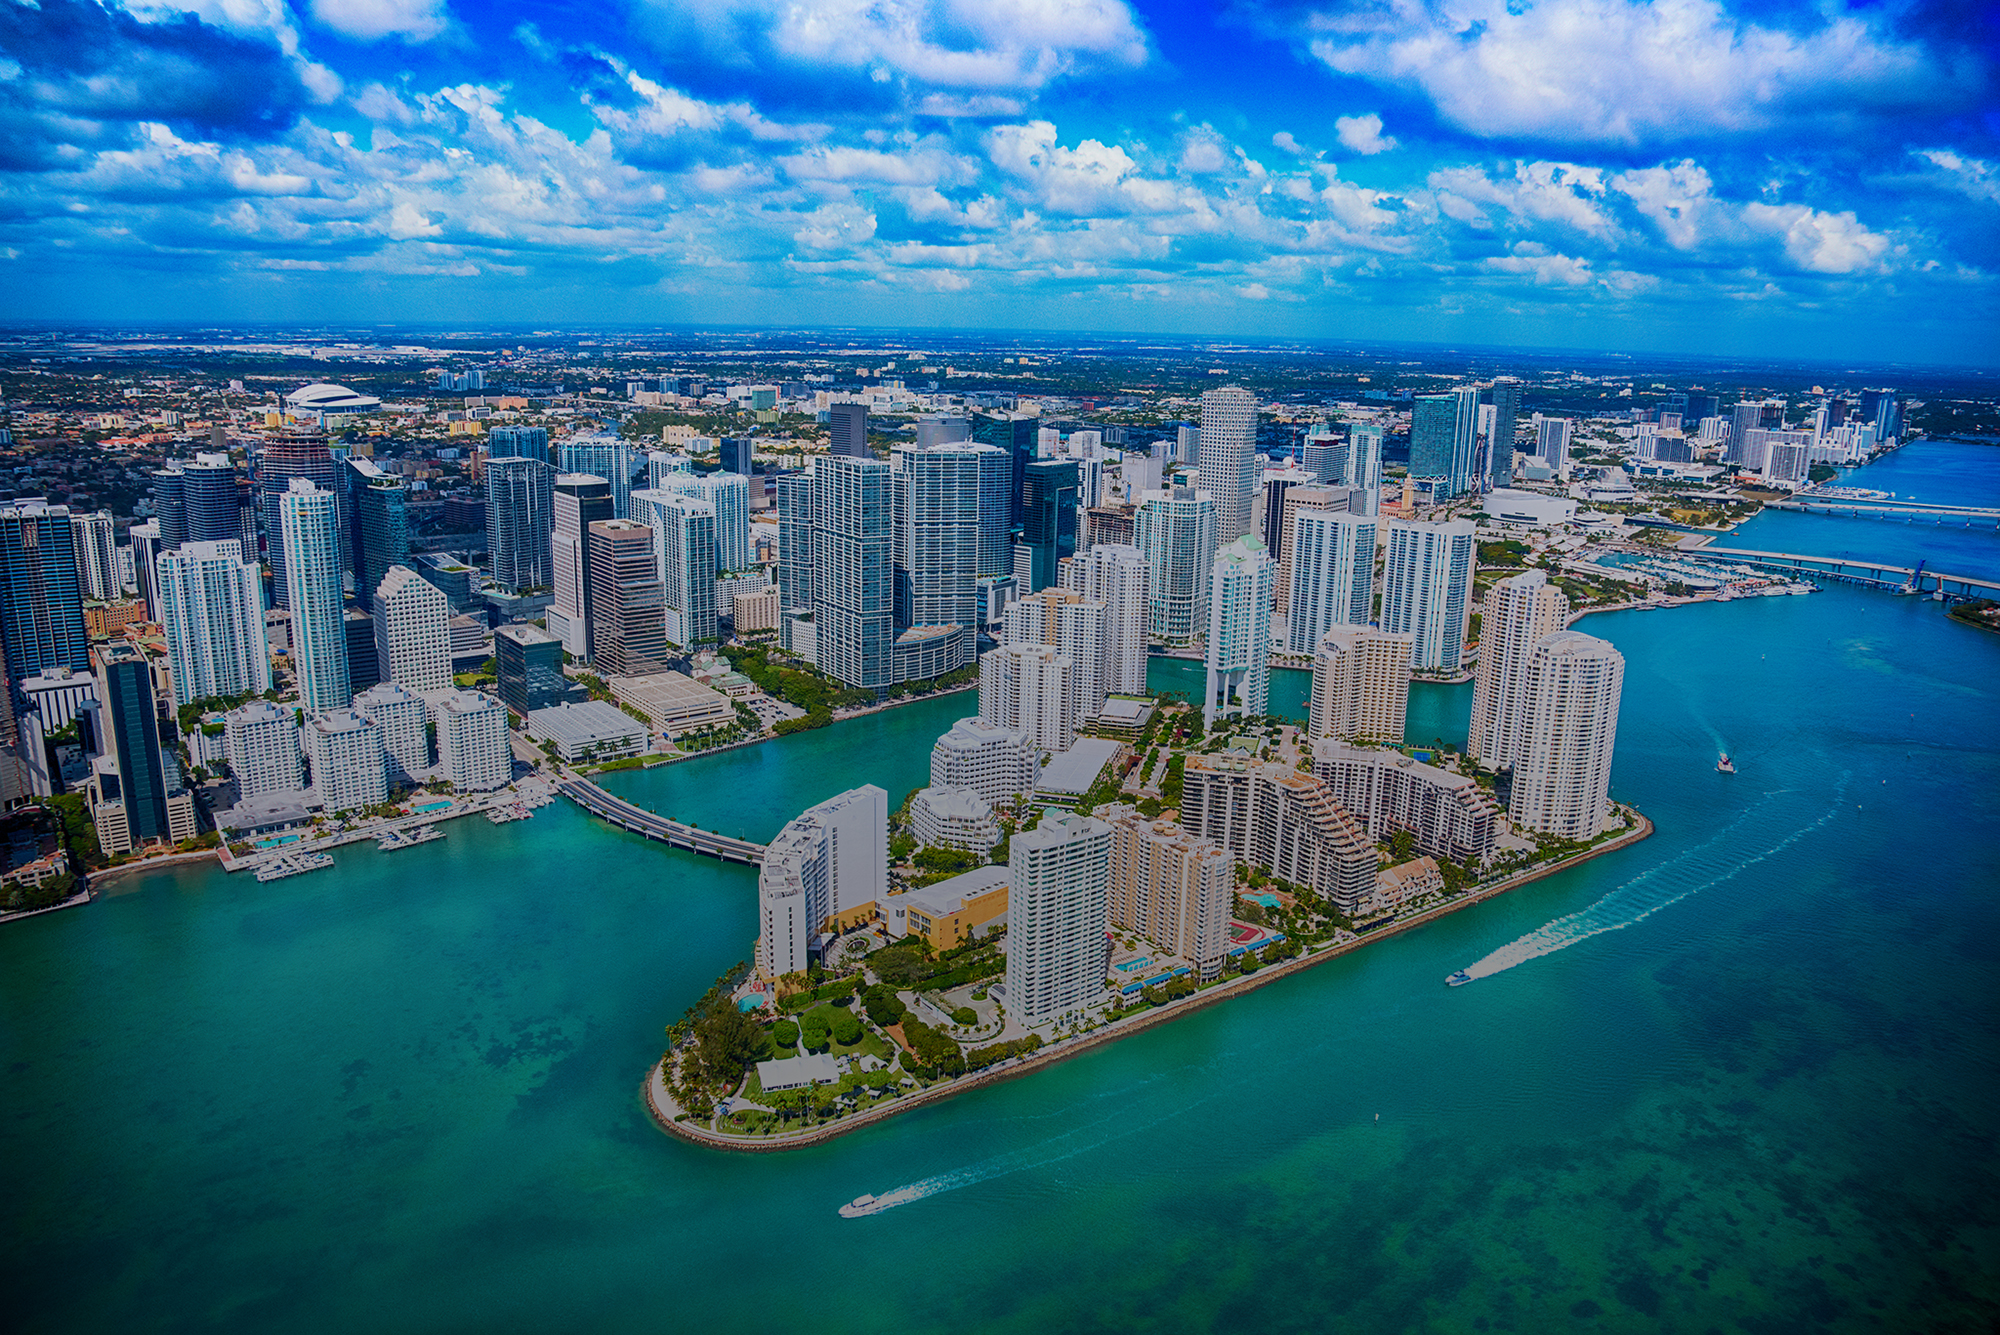 Miami Florida's